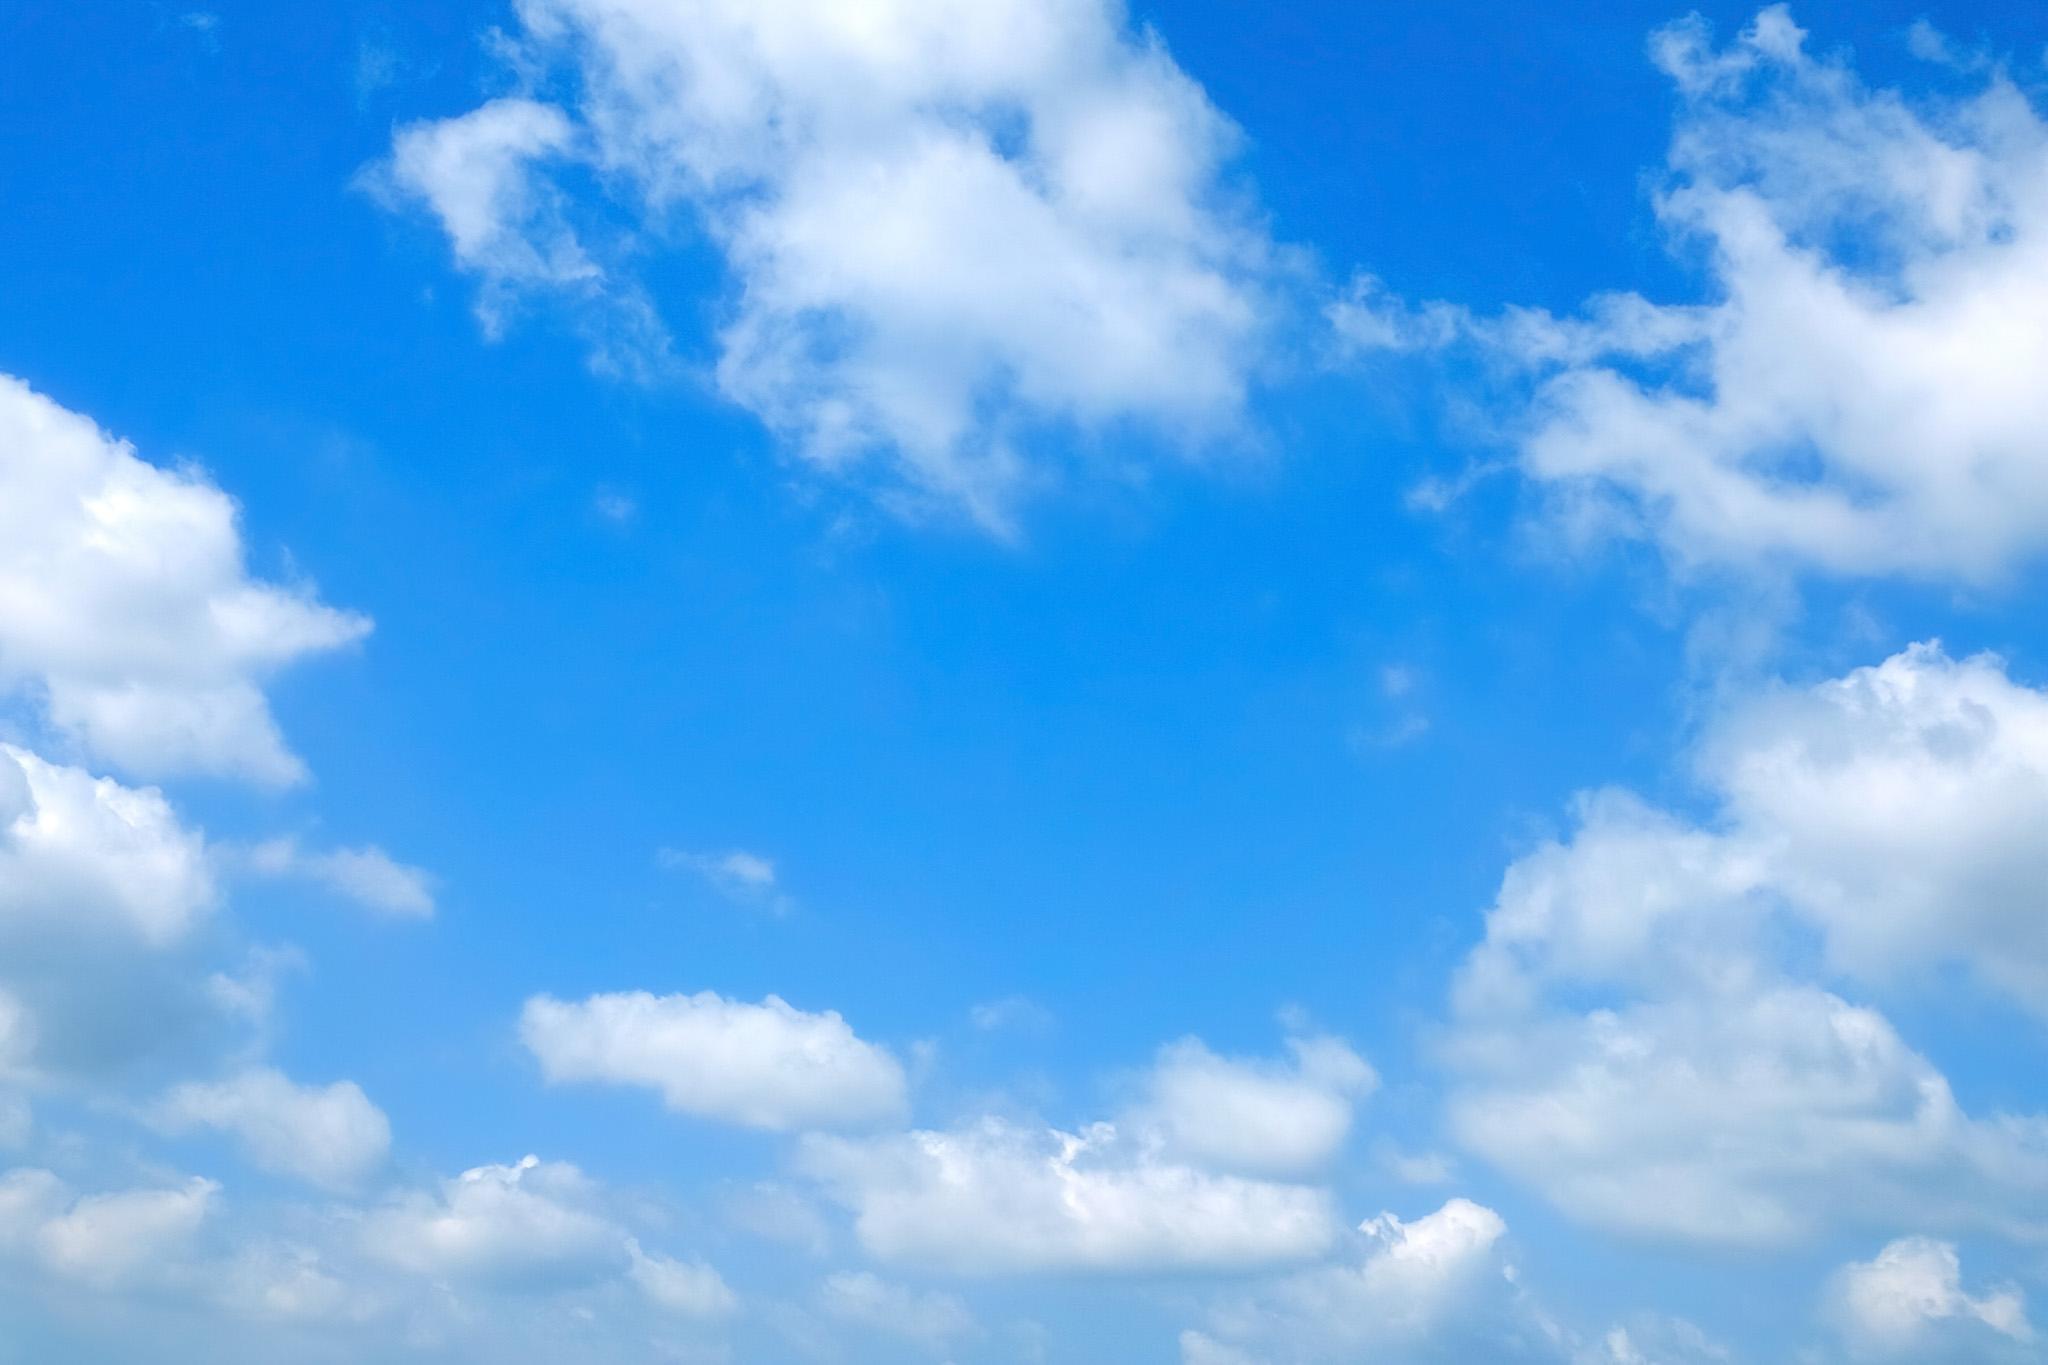 空に浮かぶ雲の画像